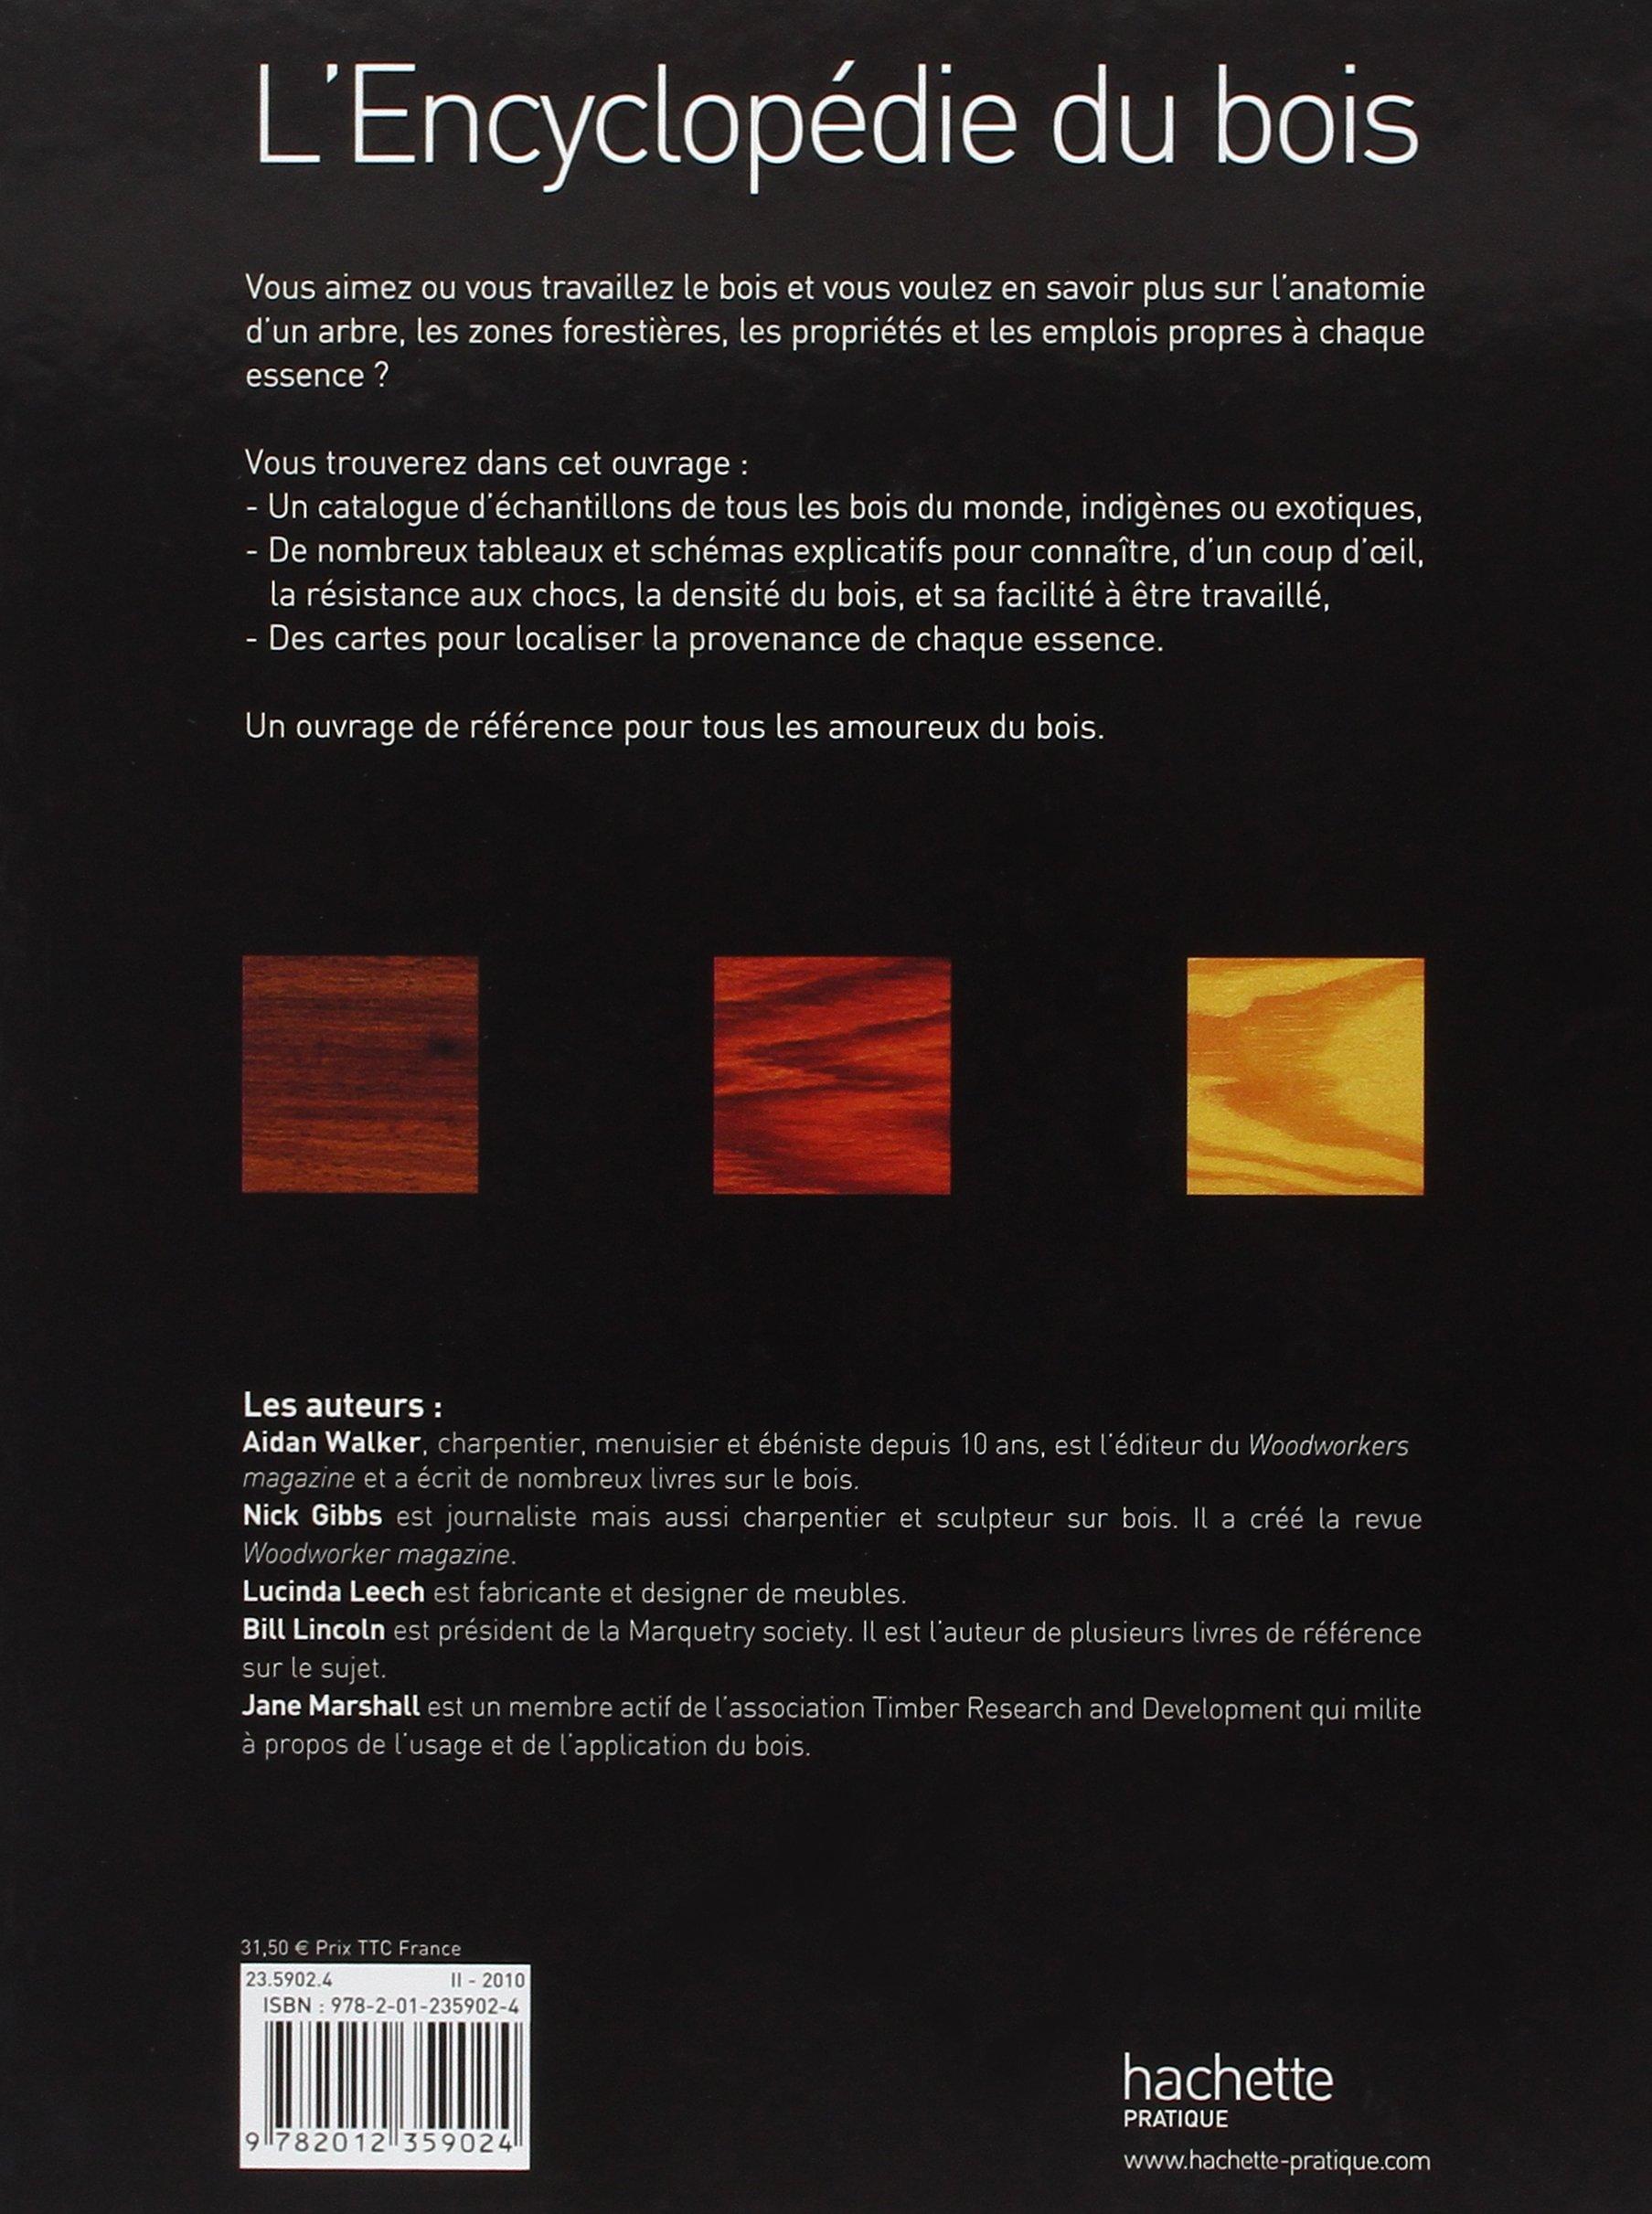 encyclopedie 2010 gratuit